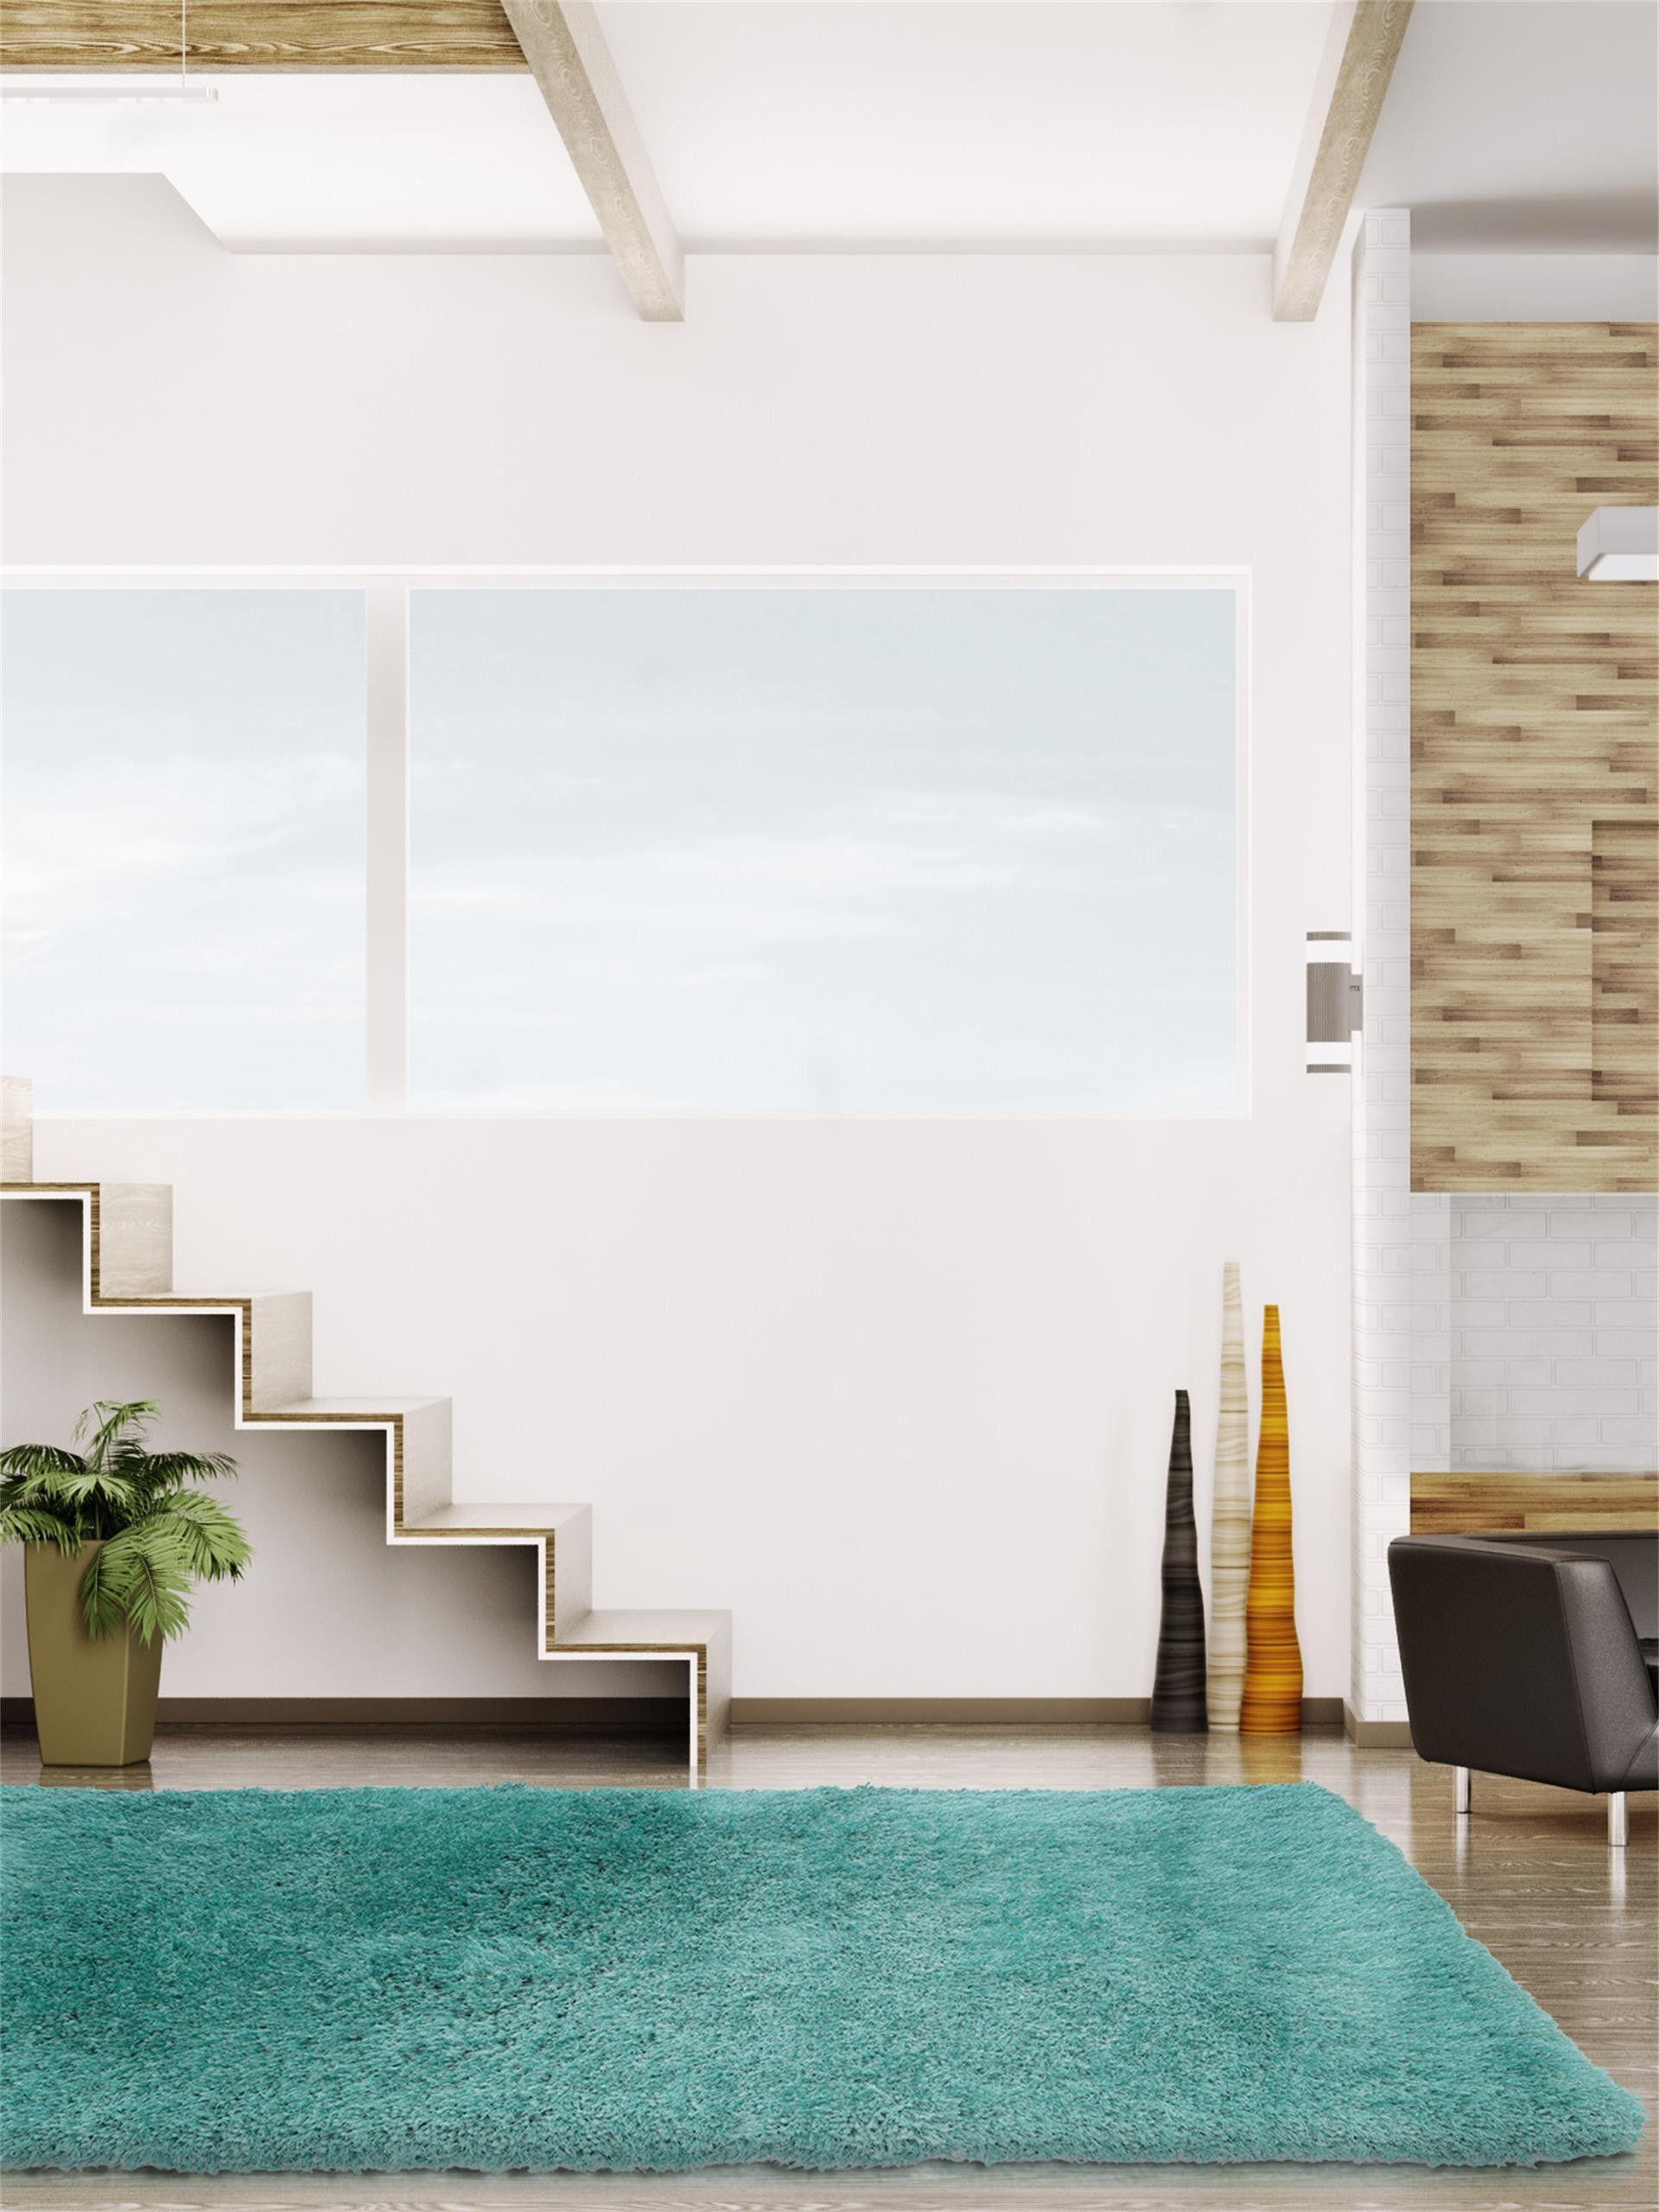 Anspruchsvoll Schlafzimmer Teppich Beste Wahl Eine Frische Brise Für Wohn- Und Schlafzimmer: